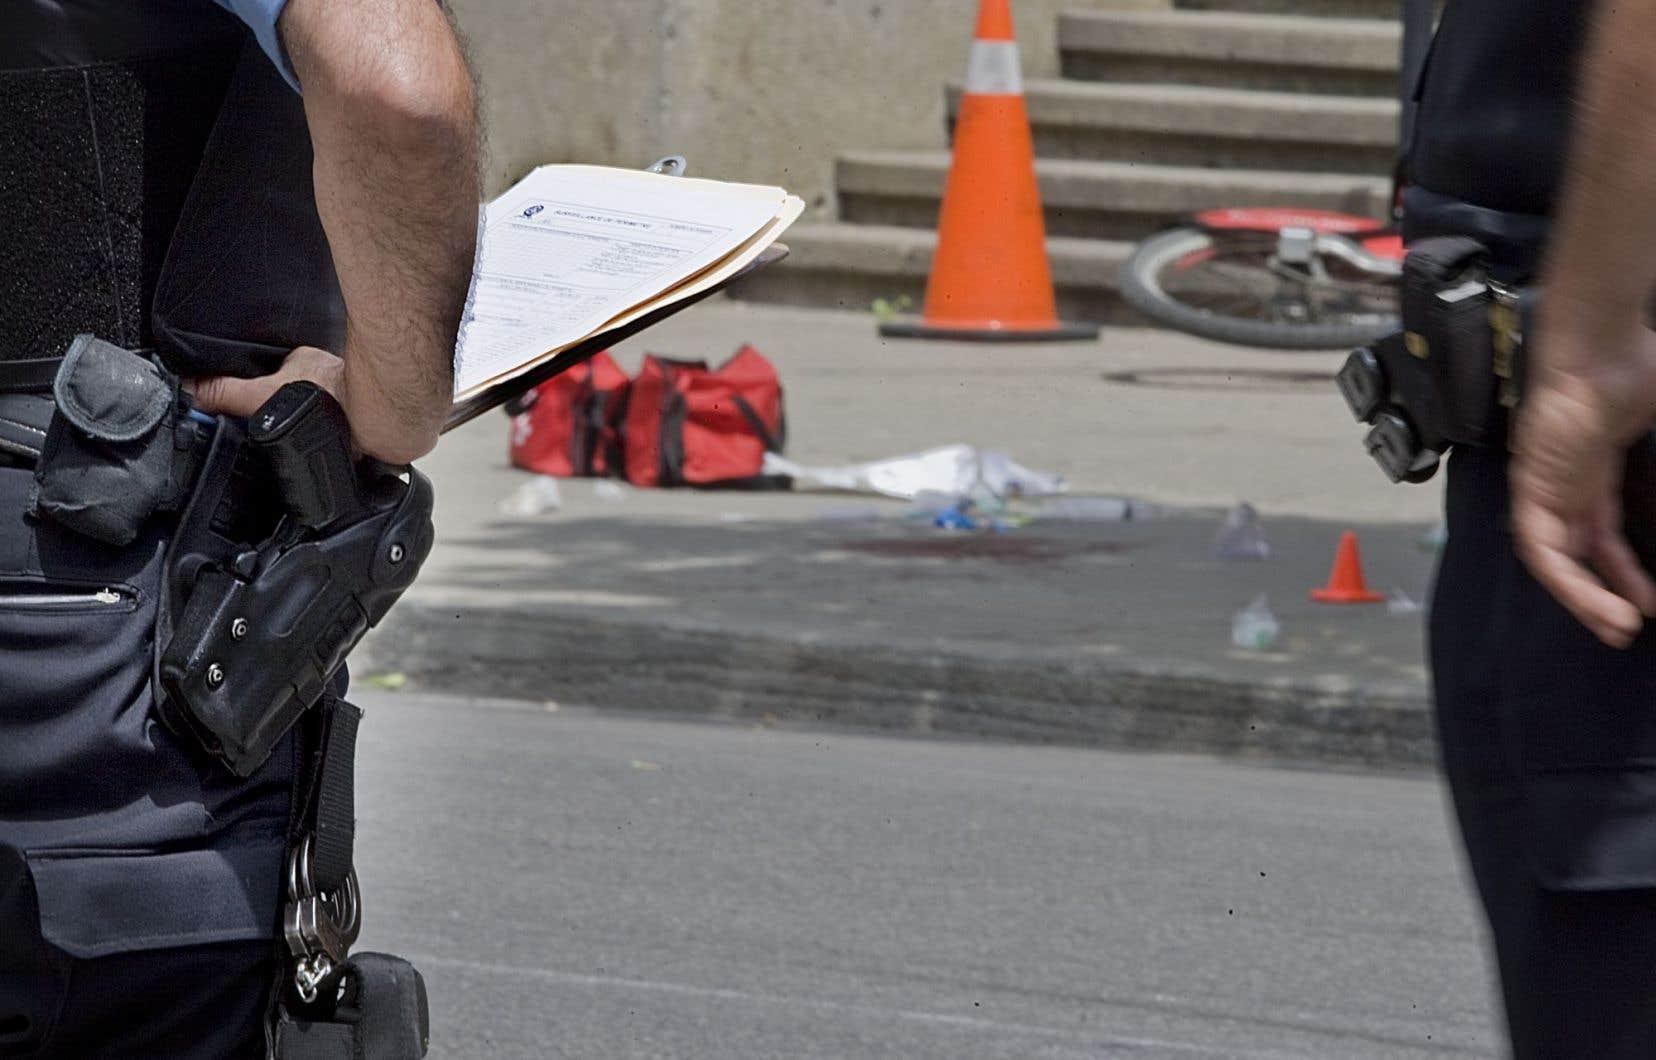 Dans les 143 cas examinés par le CRDS, les policiers ont ouvert le feu alors qu'ils étaient à une distance moyenne de 4,3 mètres de l'individu présentant « une menace de lésions corporelles graves ou mortelles ».